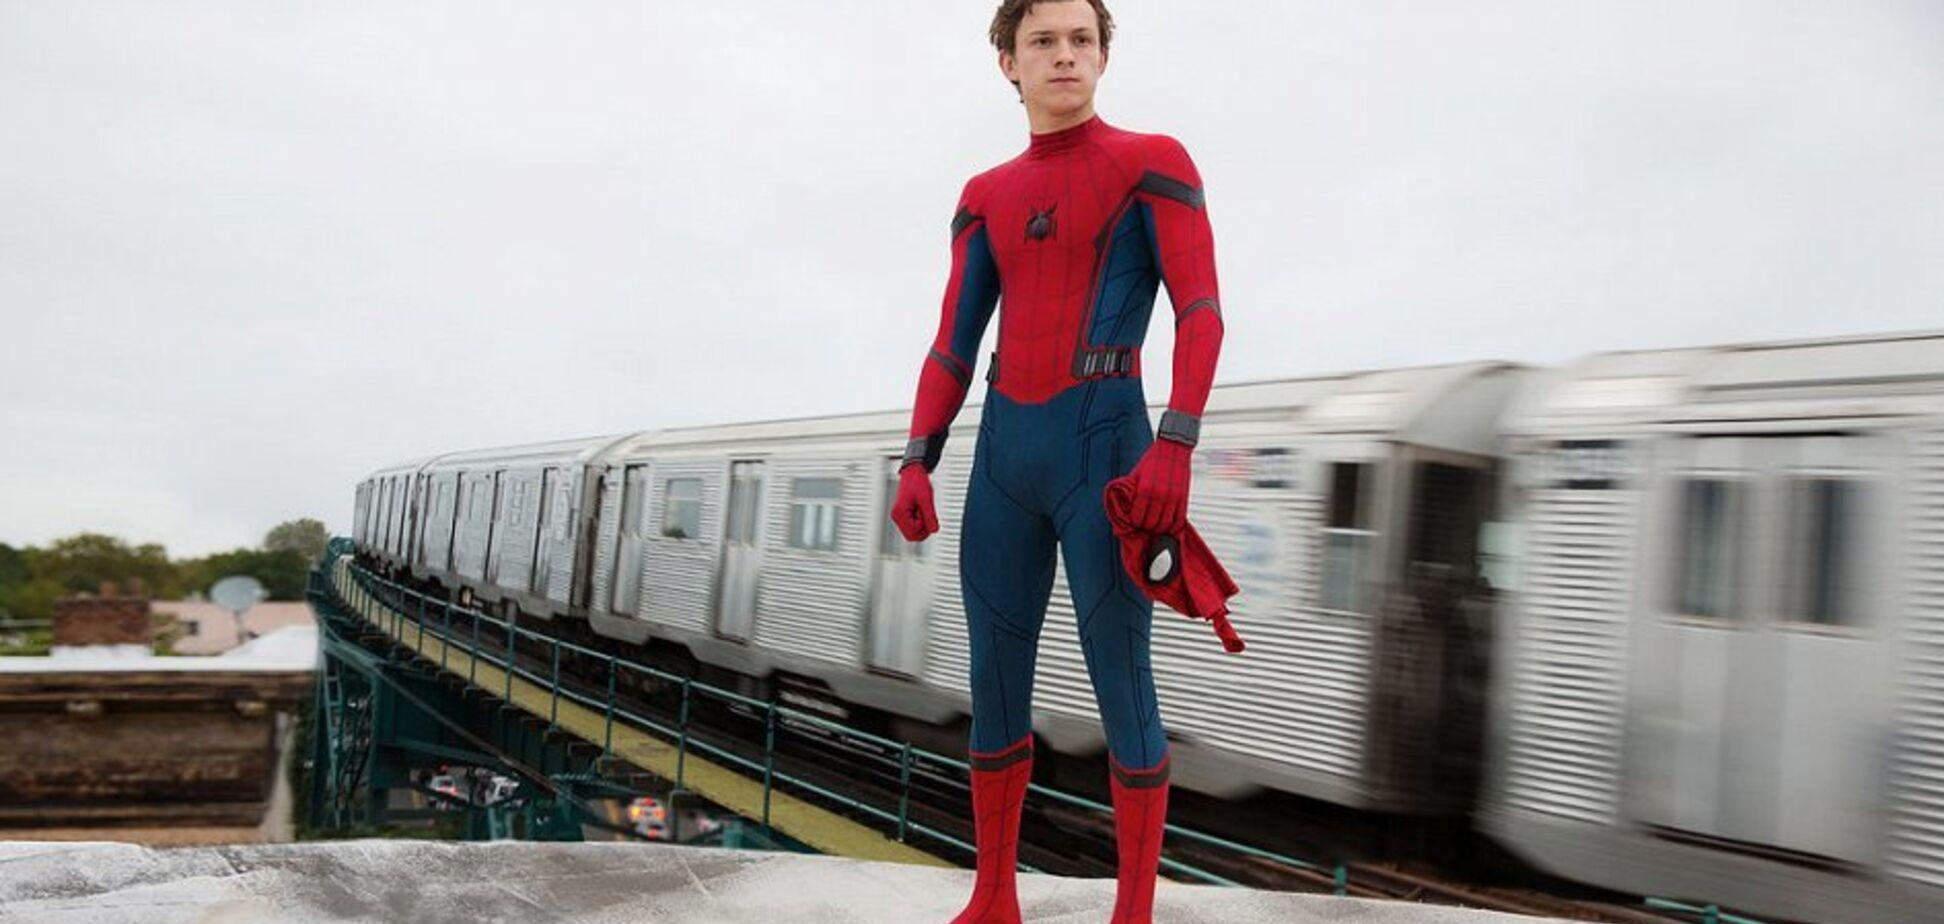 З'явився новий трейлер фільму ''Людина-Павук''